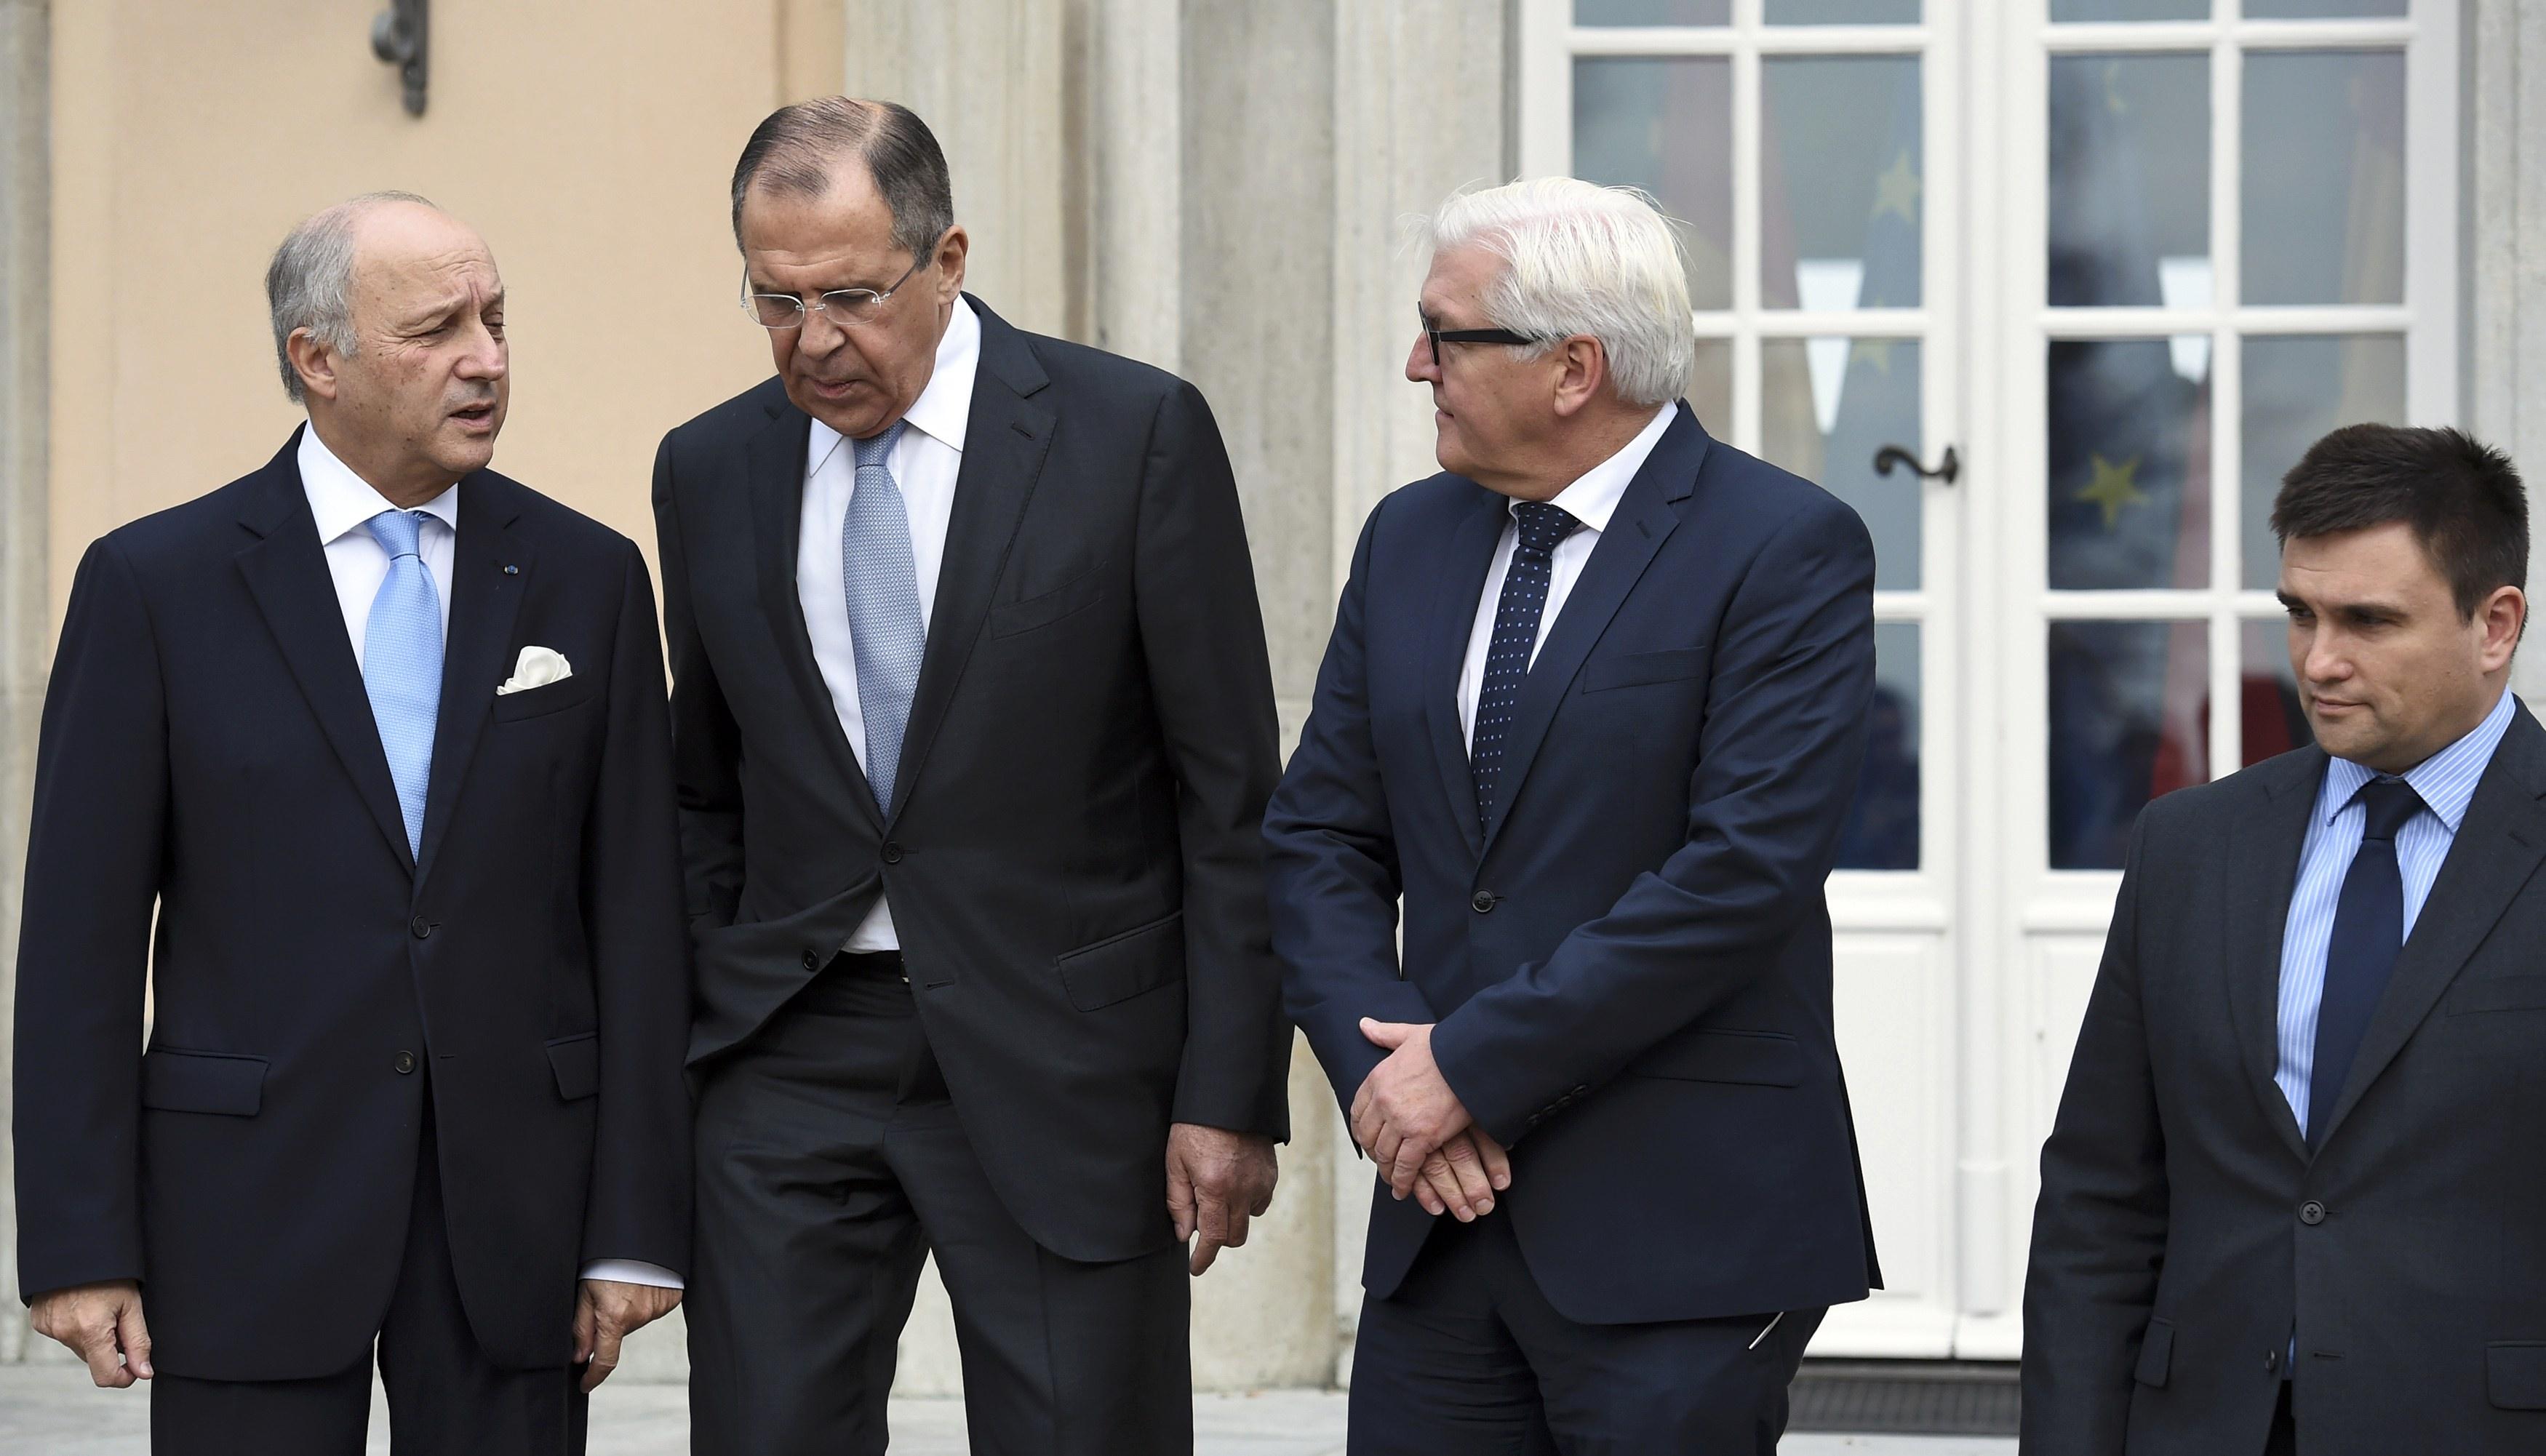 """Штайнмайер: Переговоры глав МИД стран """"Нормандской четверки"""" были сложными - Цензор.НЕТ 1998"""